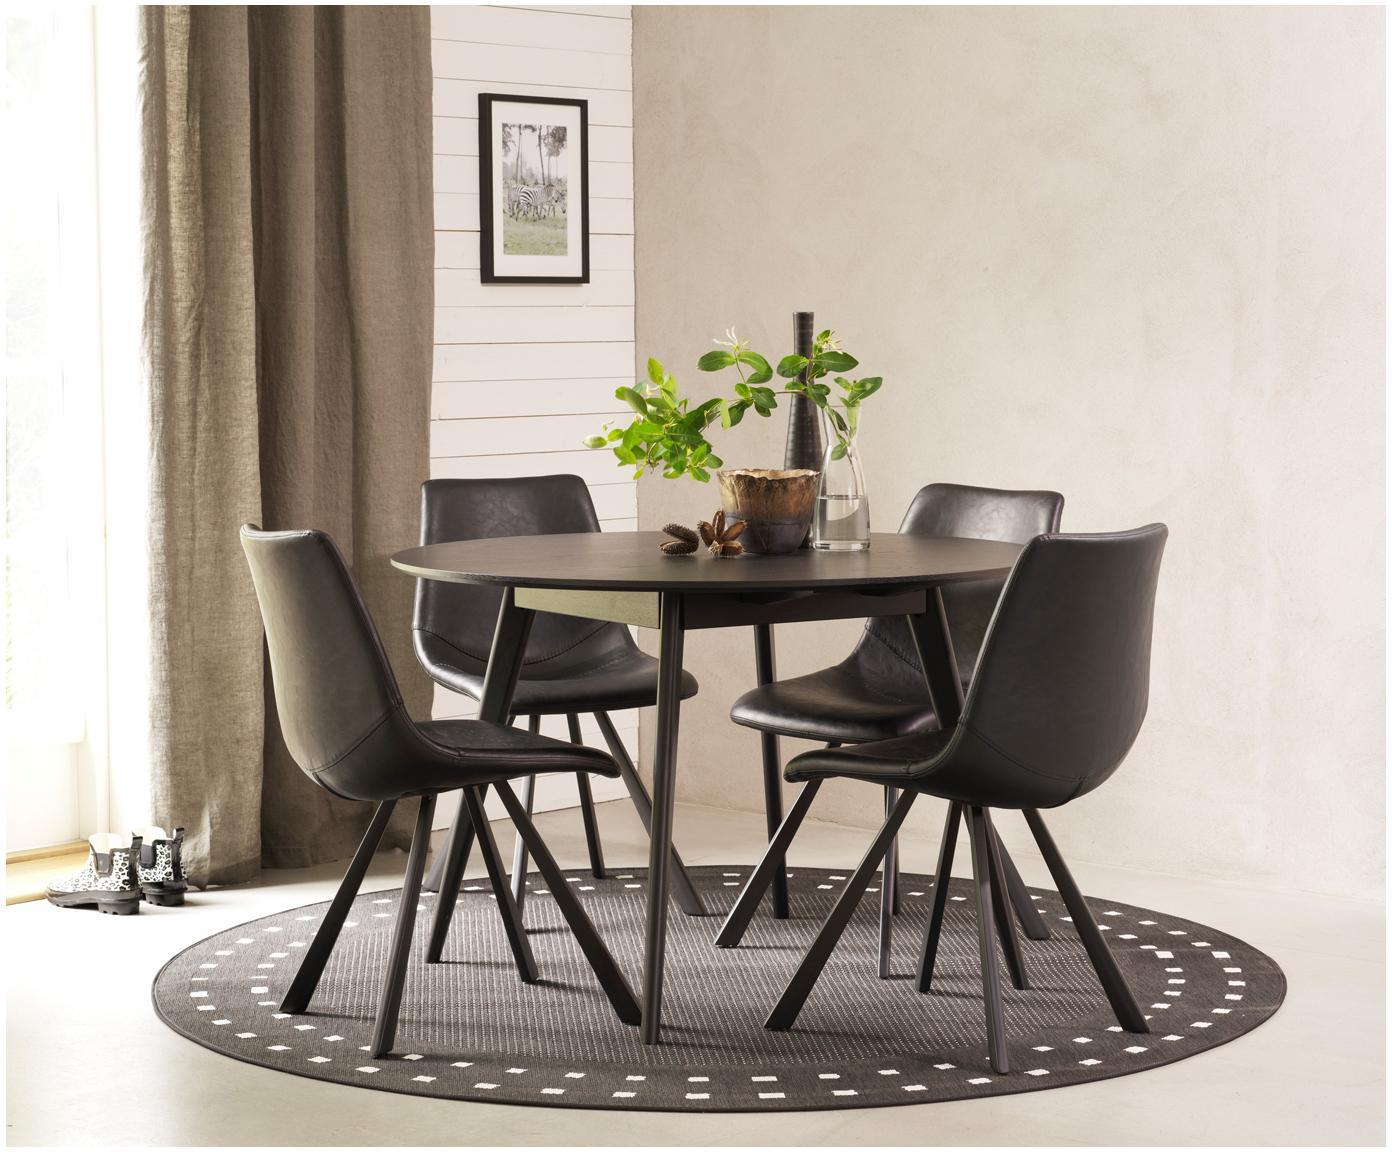 Okrągły stół do jadalni z drewna Yumi, Blat: płyta pilśniowa średniej , Nogi: drewno kauczukowe, masywn, Czarny, Średnica: 115 cm